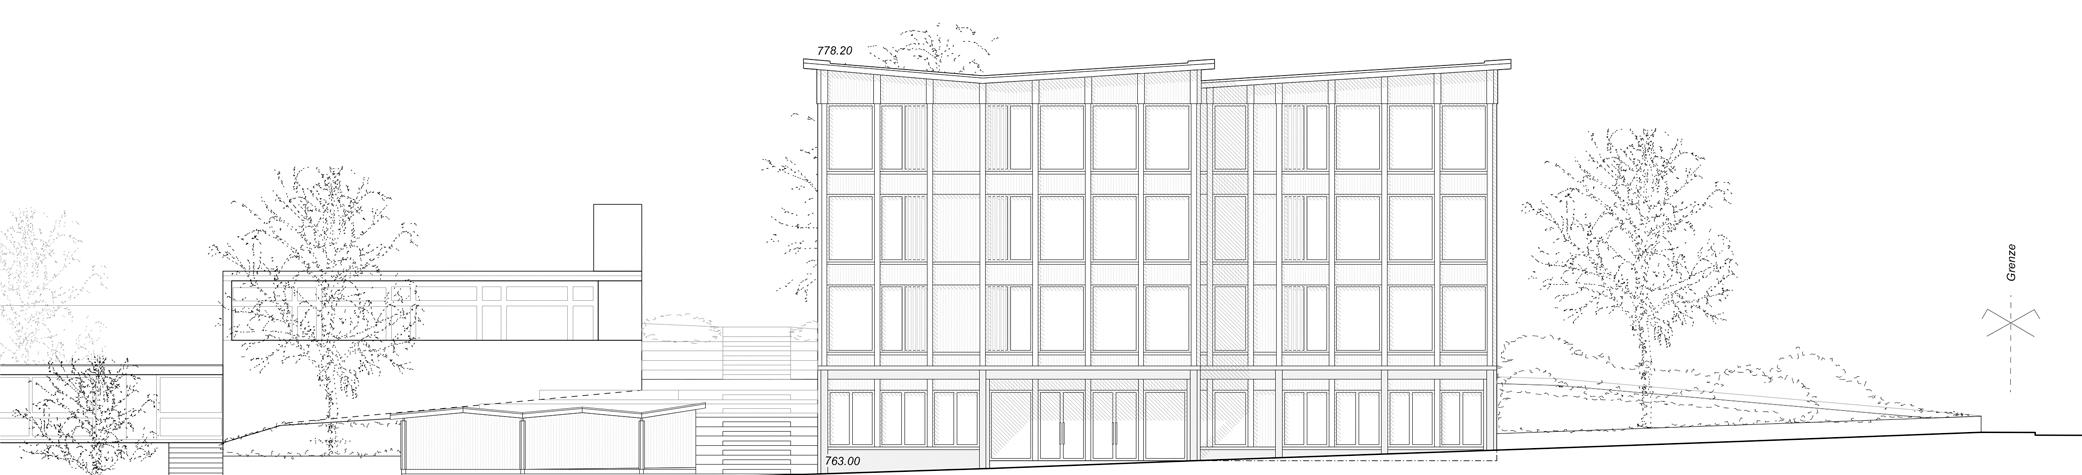 Pfister Klingenfuss Architekten AG, Wettbewerb, Tagesbetreuung Hebel, Ansicht West